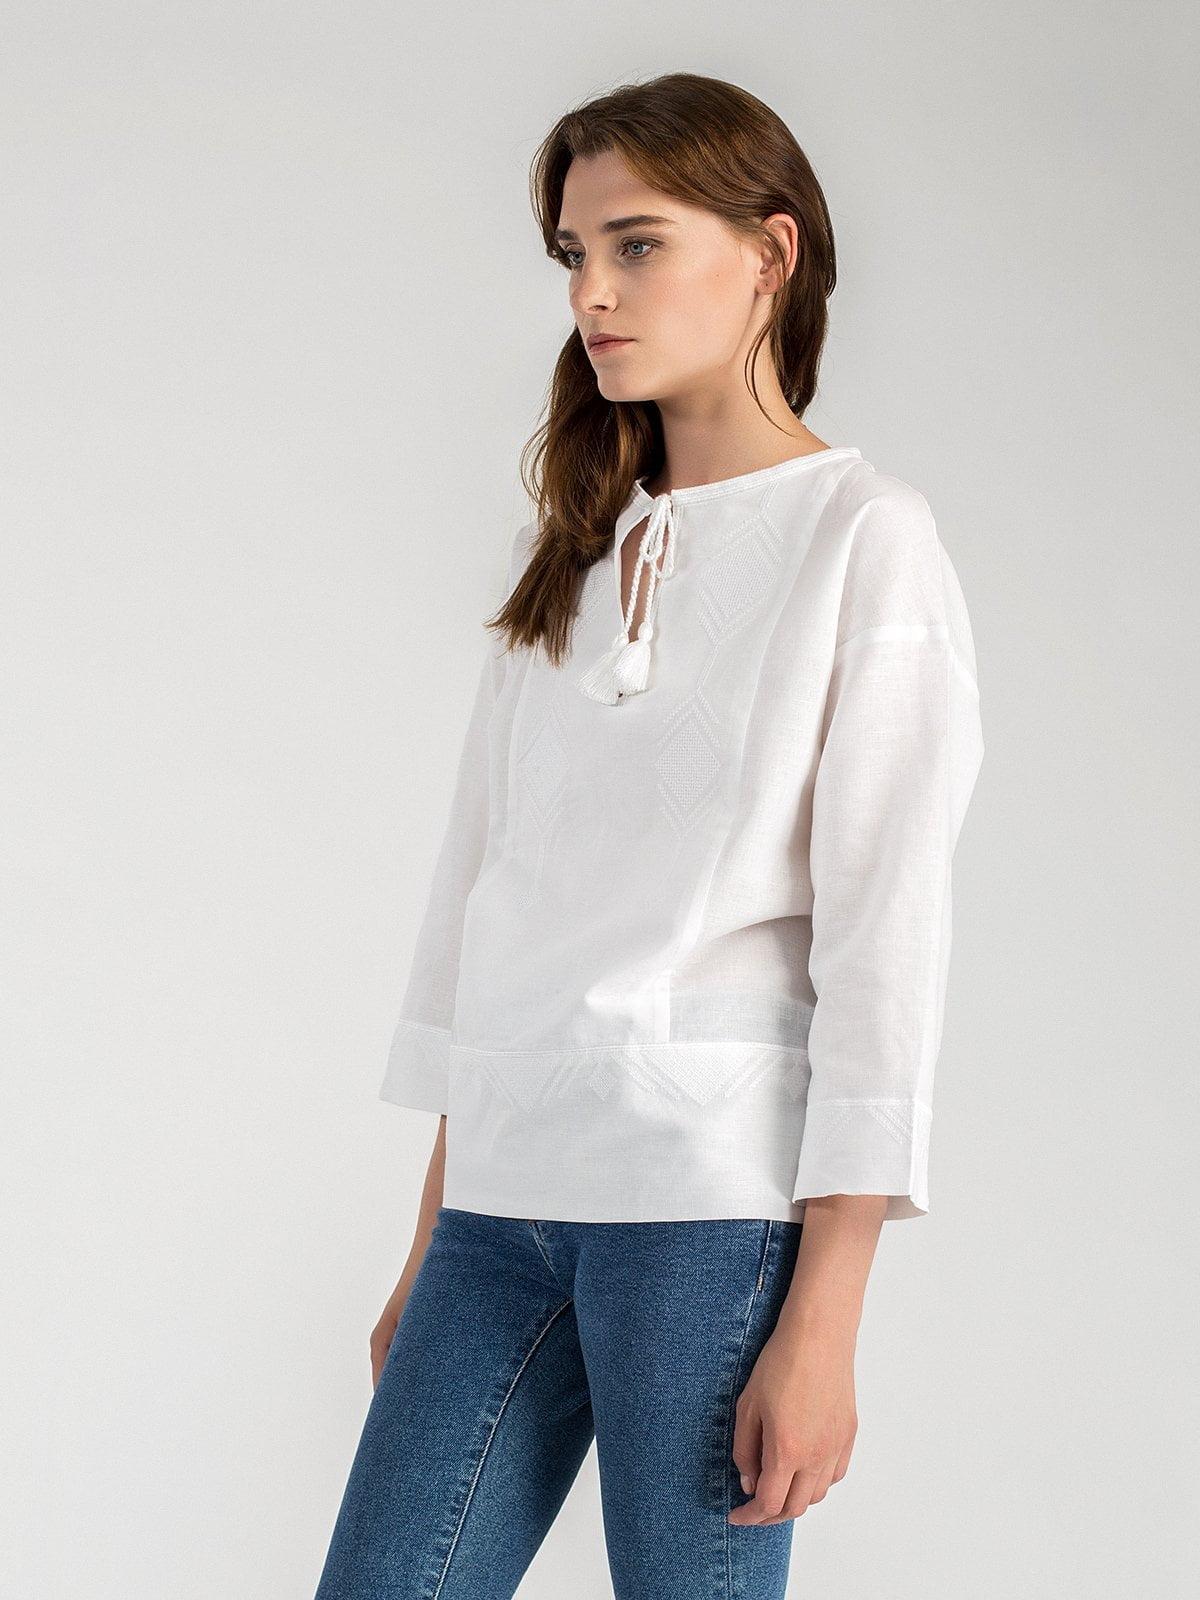 Жіноча вишиванка вільного крою з білого льону Ethnic 1 – купити в ... 74f2968d9048f